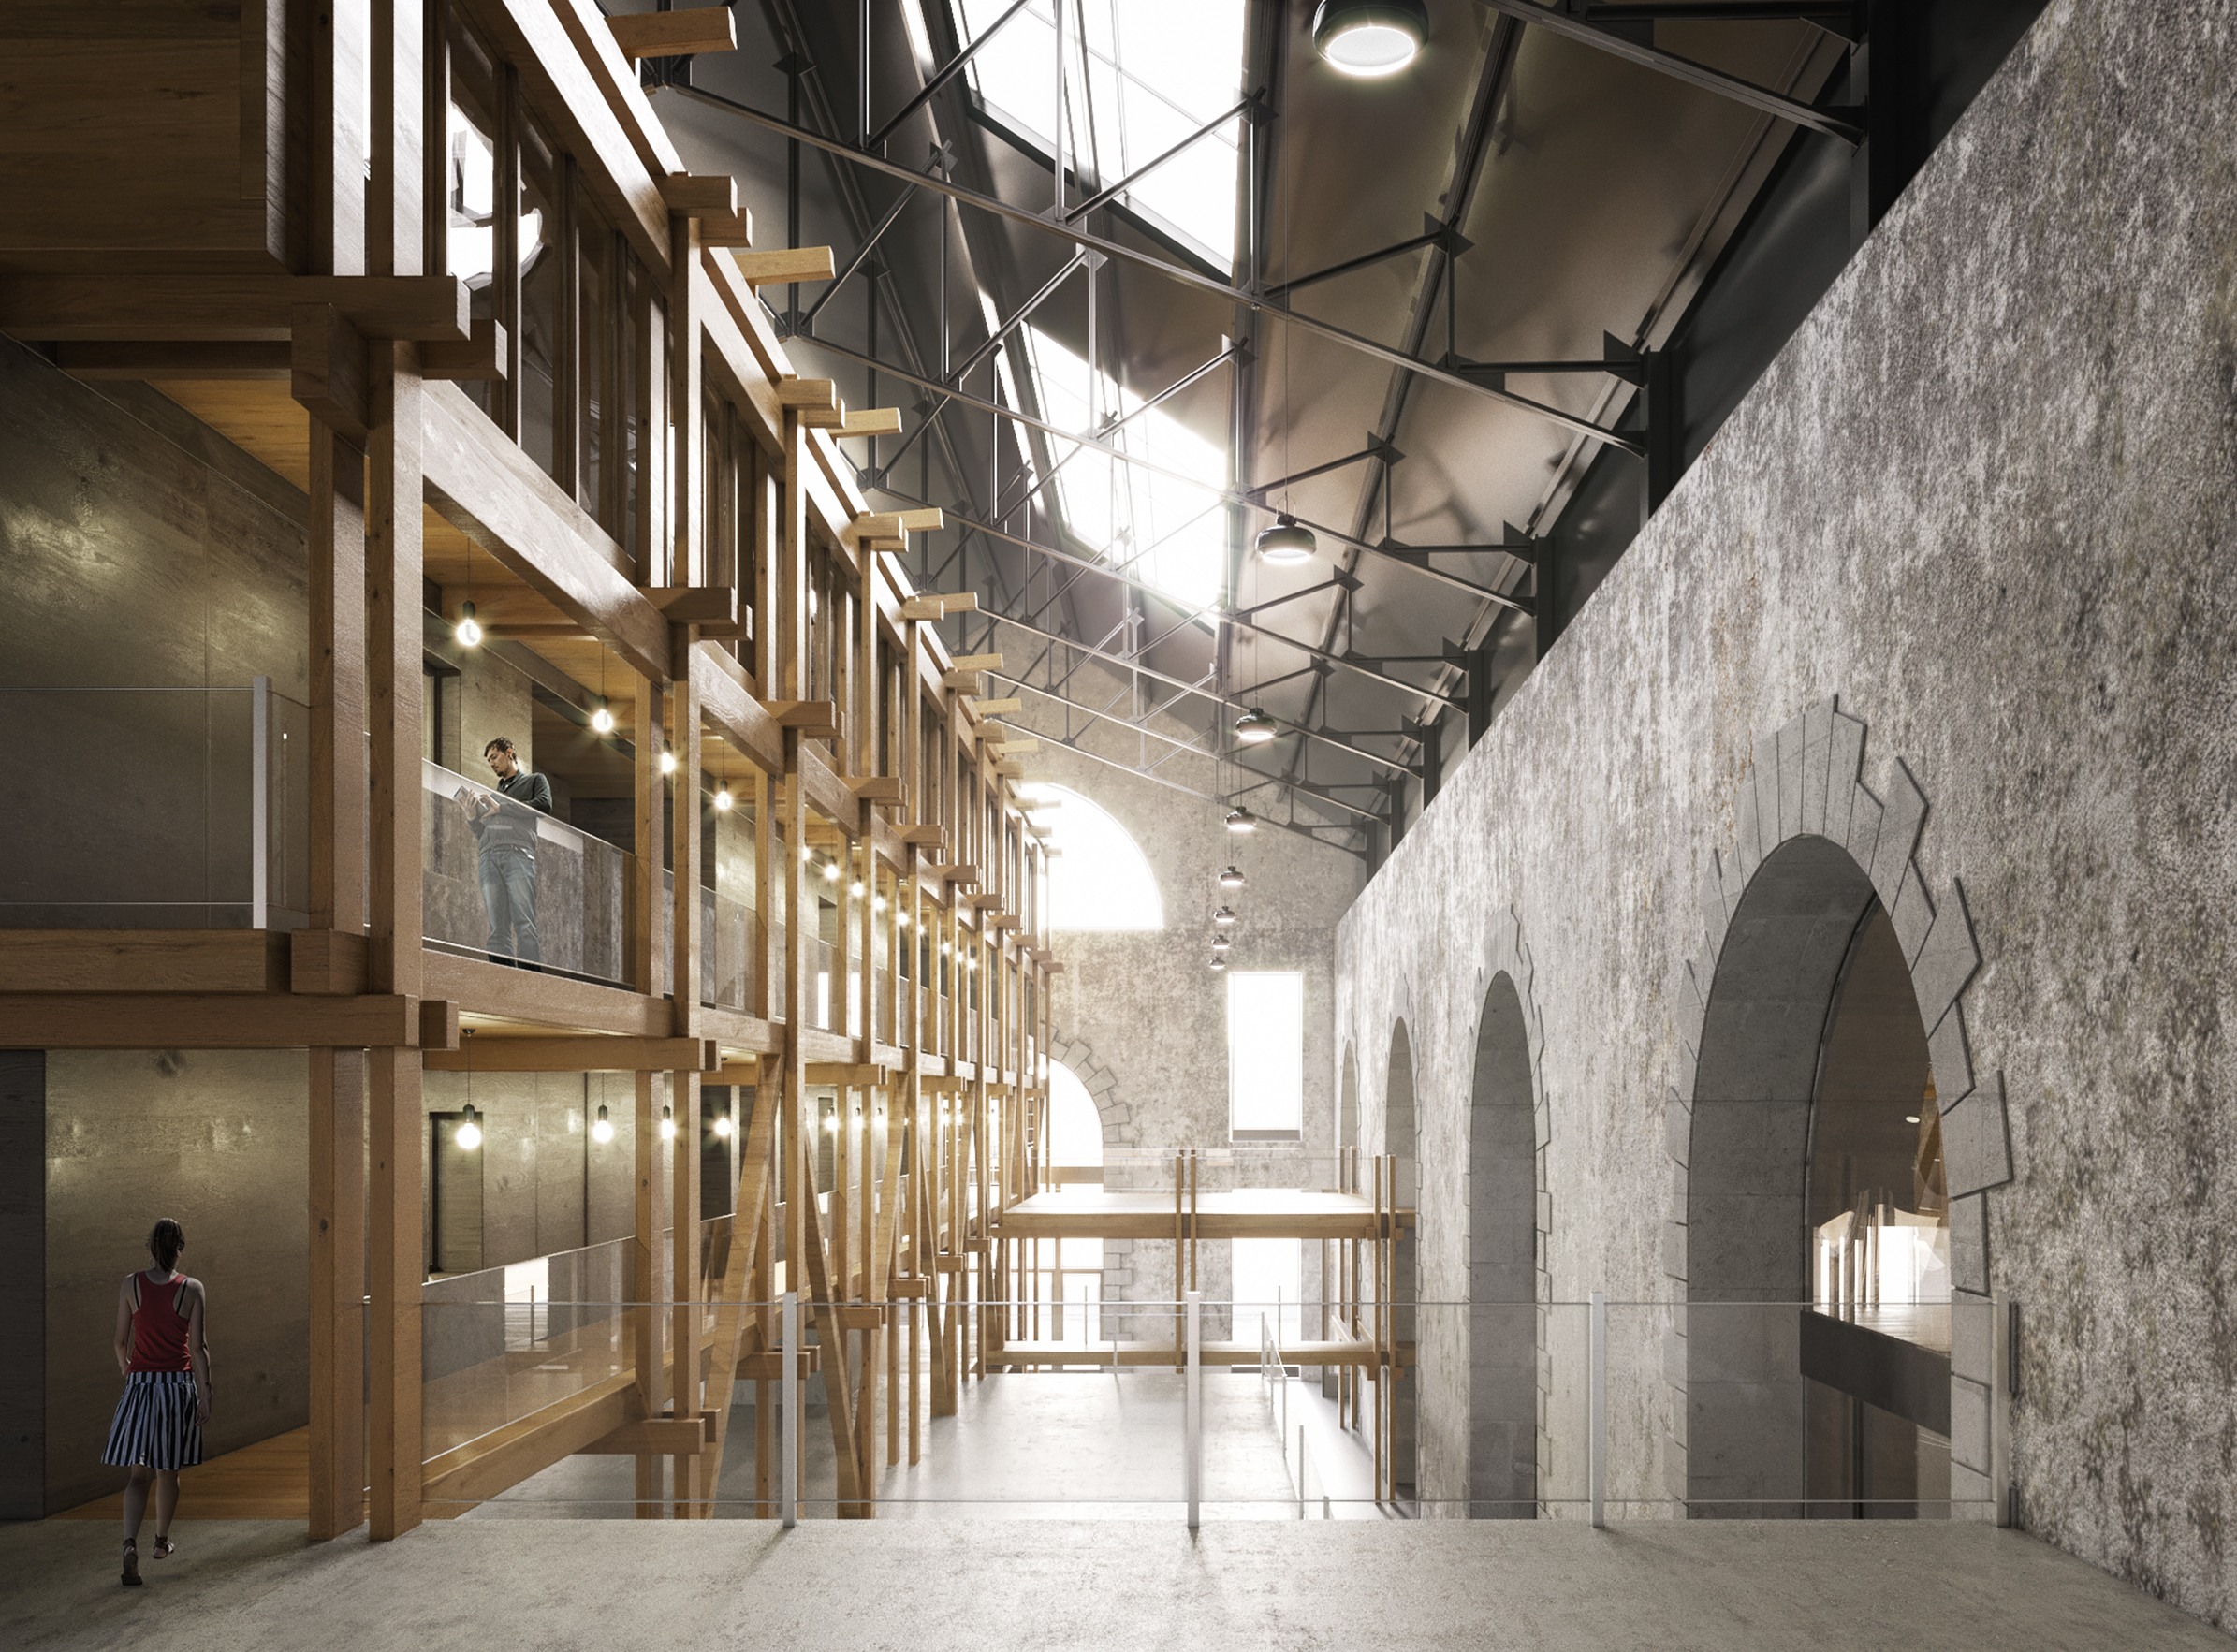 Le fourneau 01 - Friches + Culturel - Caractère Spécial - Matthieu poitevin Architecture